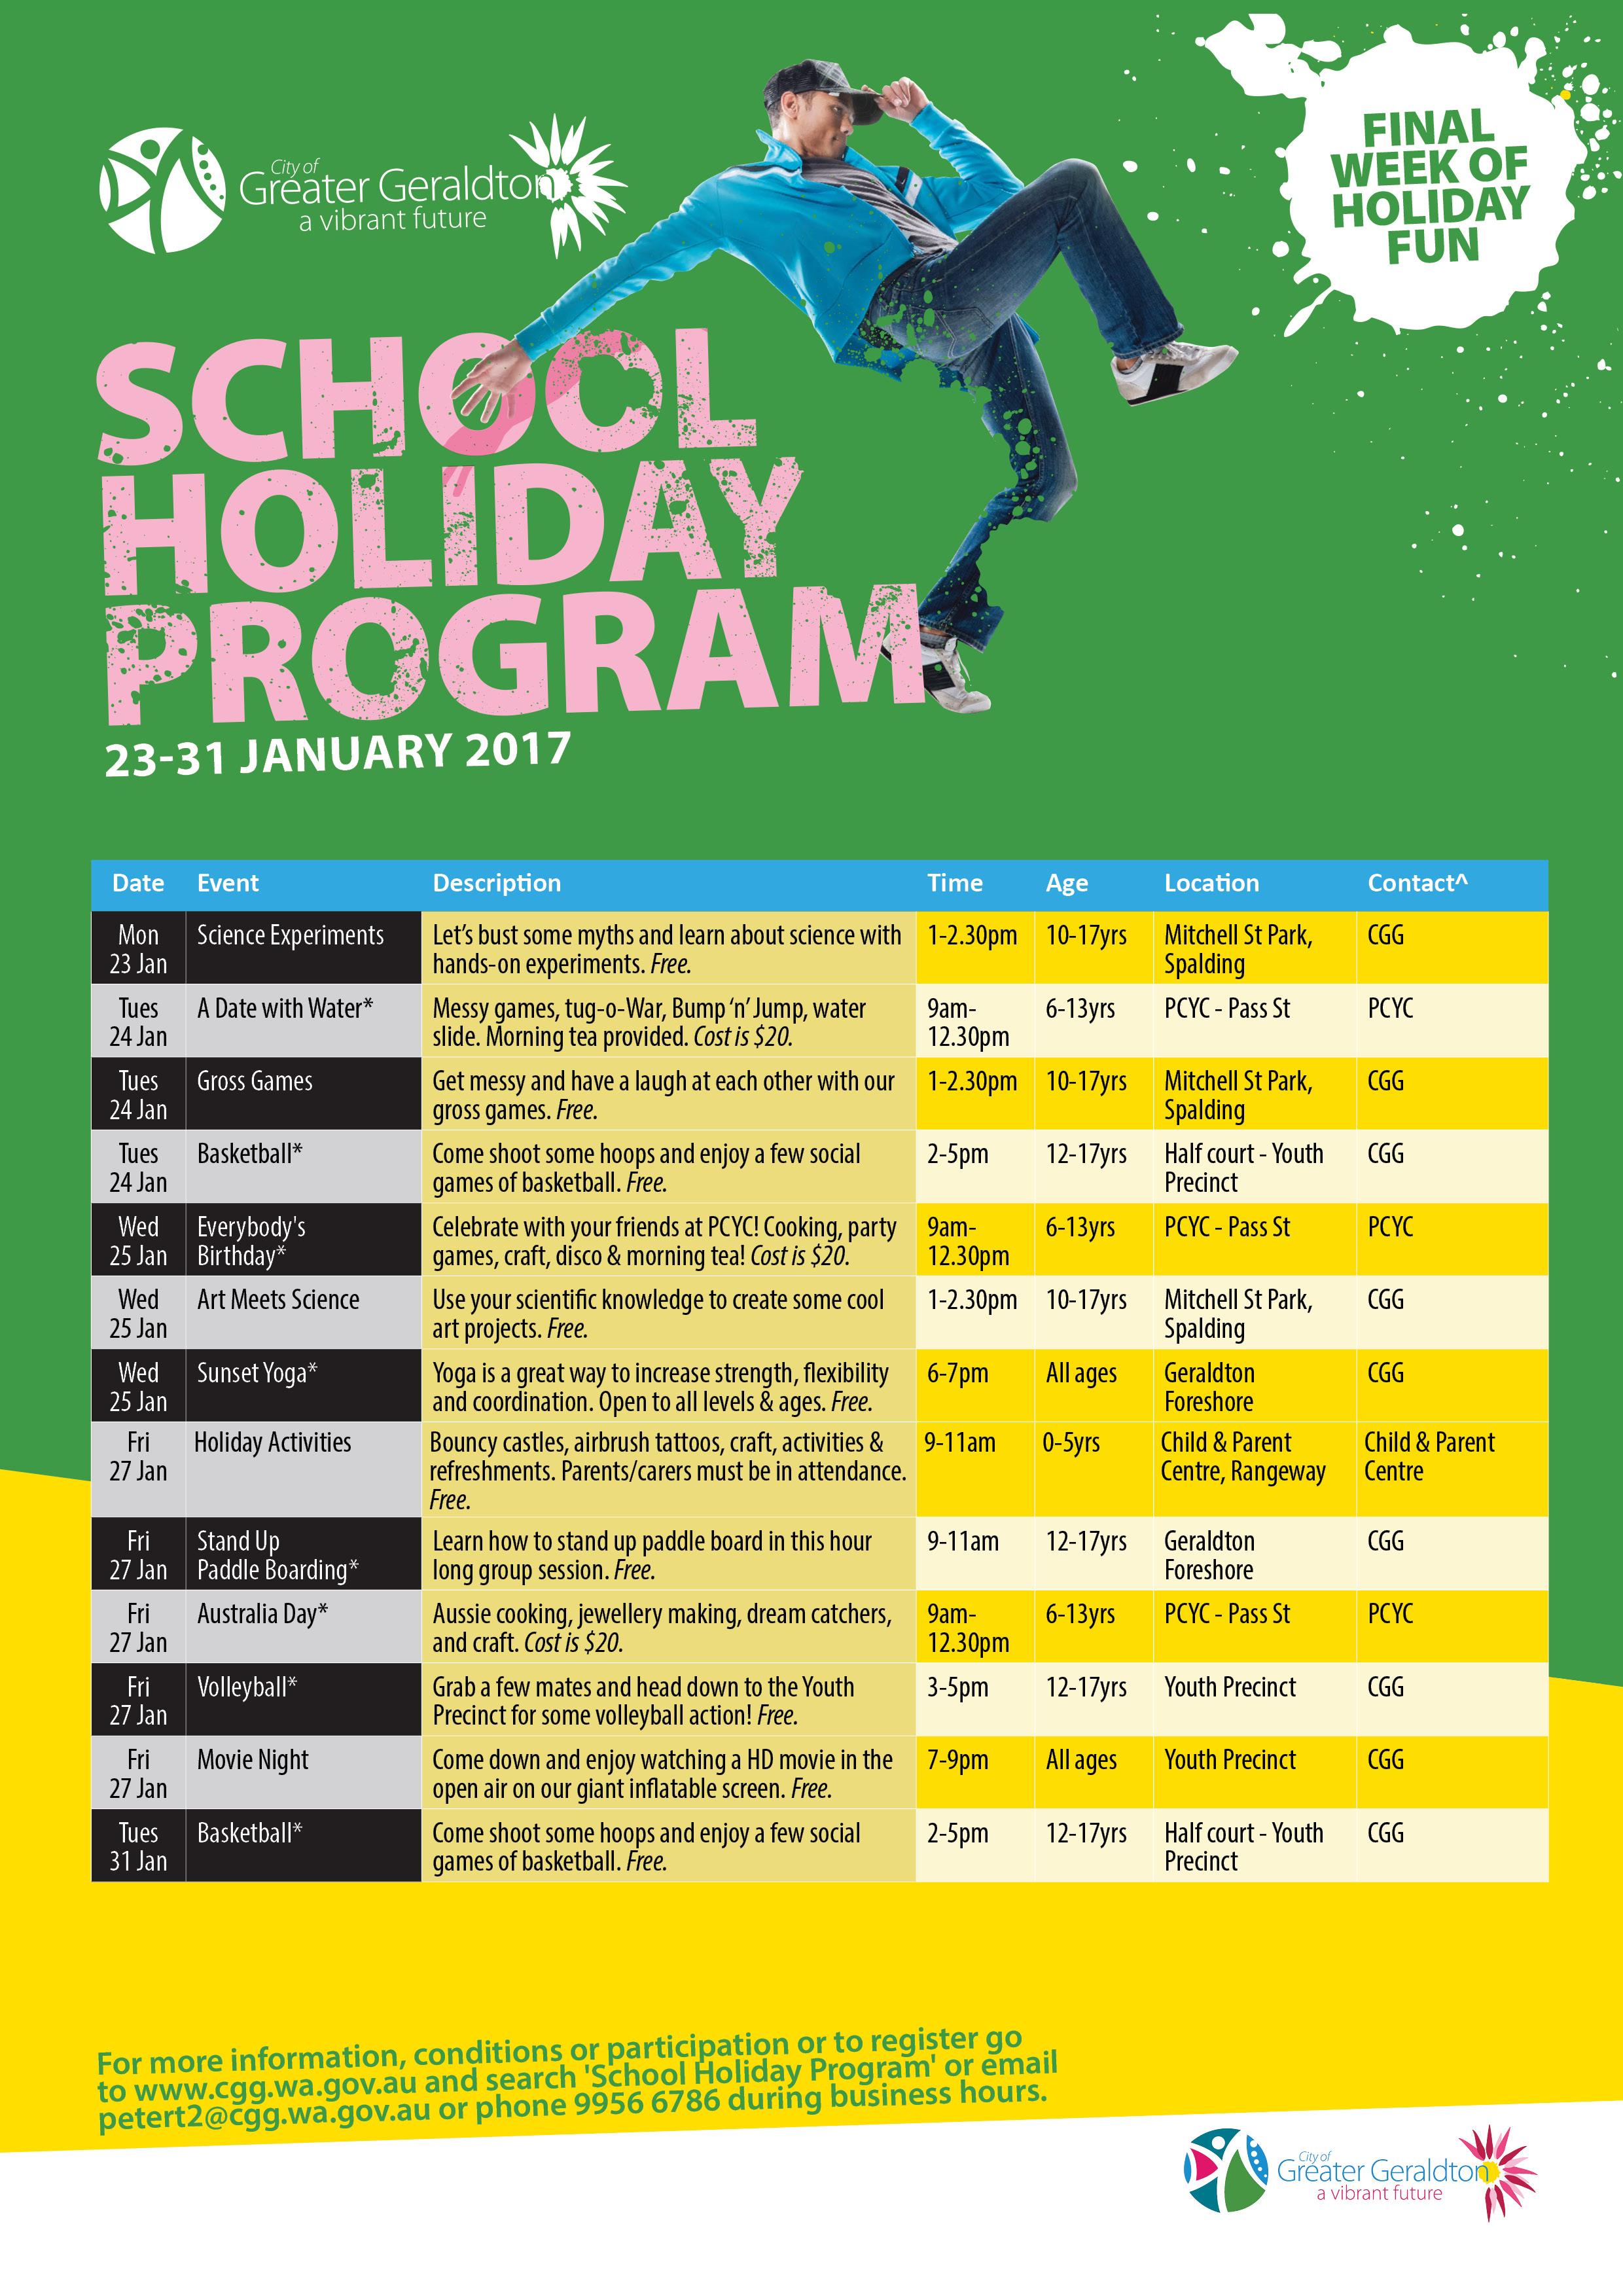 School Holiday Program 2016-17 JPG5.jpg